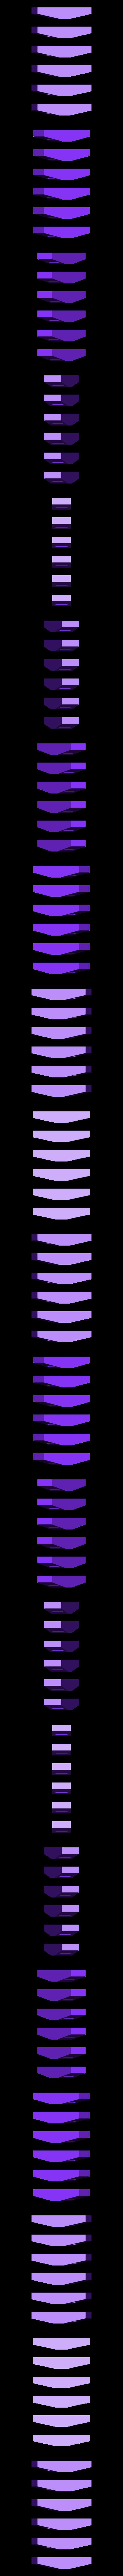 gt2_clip_set_v2.stl Télécharger fichier STL gratuit Tough Belt Clip • Design imprimable en 3D, MGX